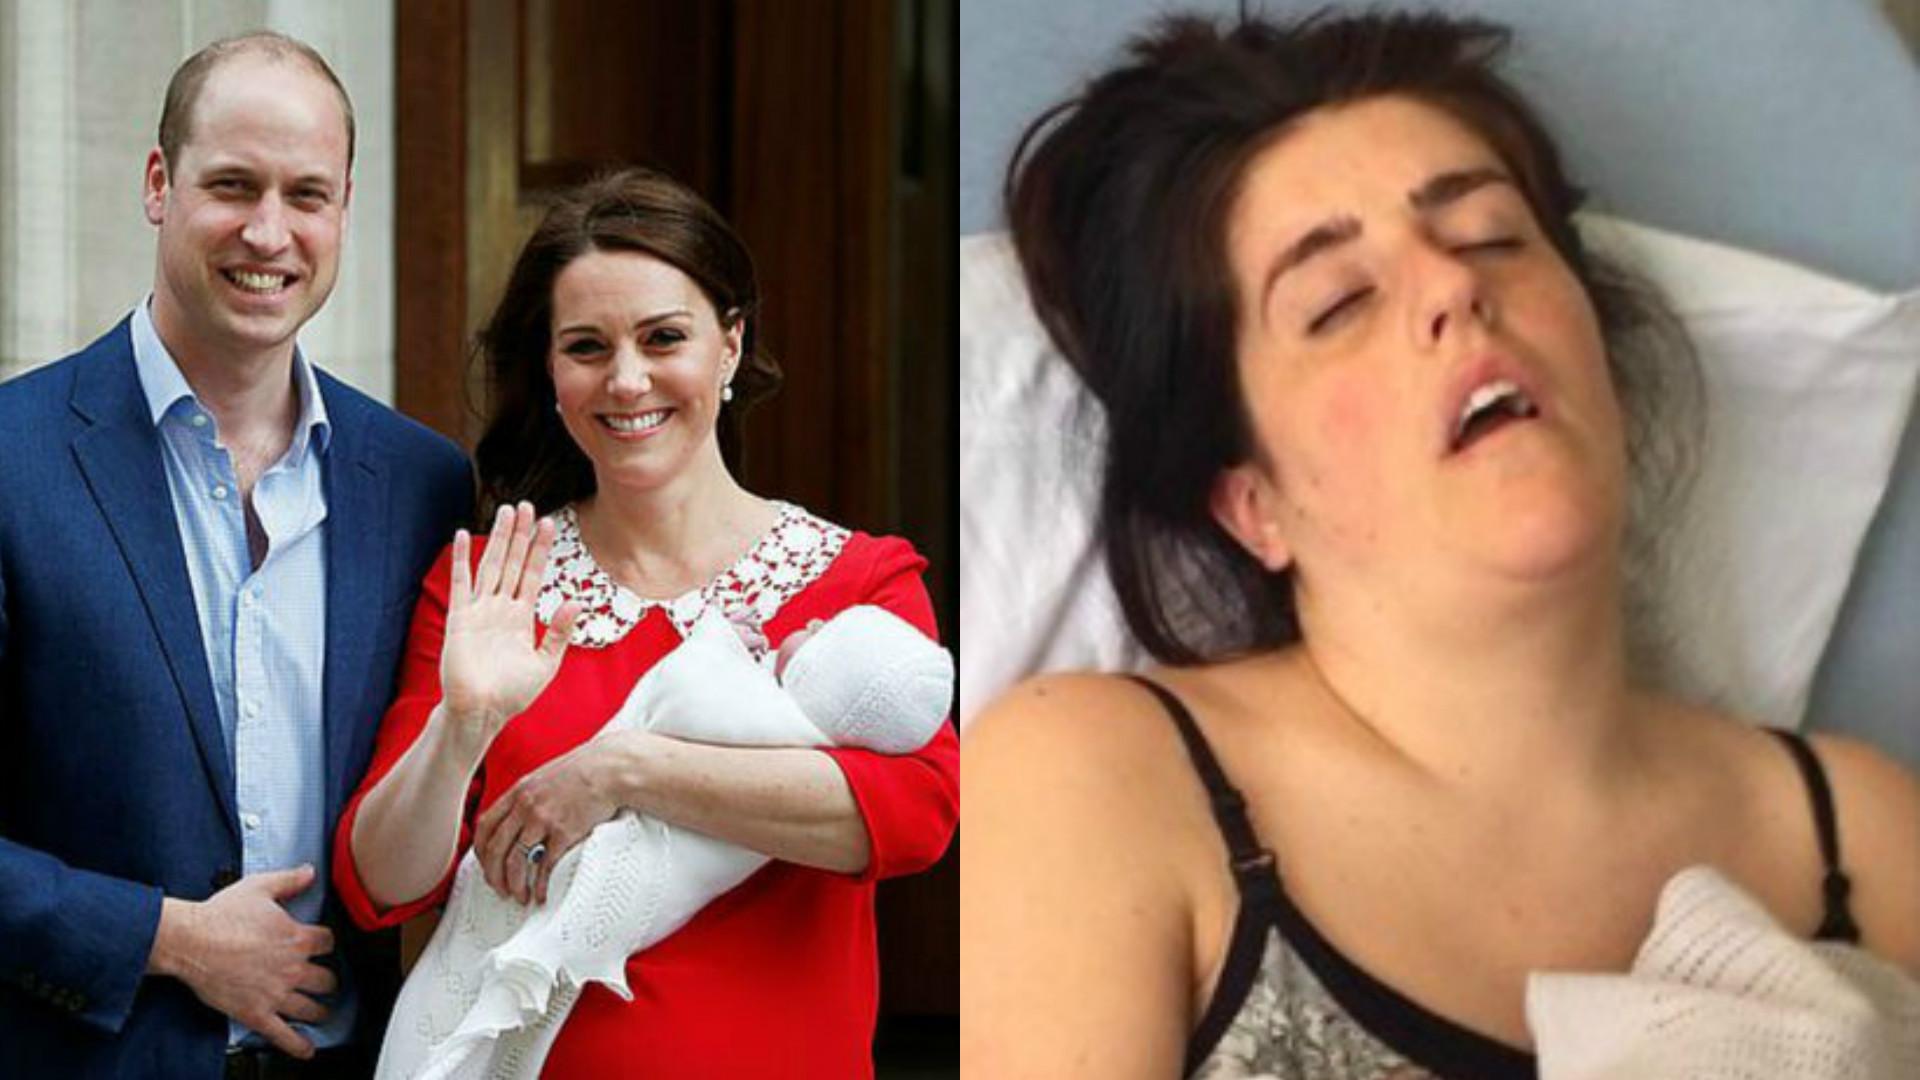 zdjęcia po porodzie